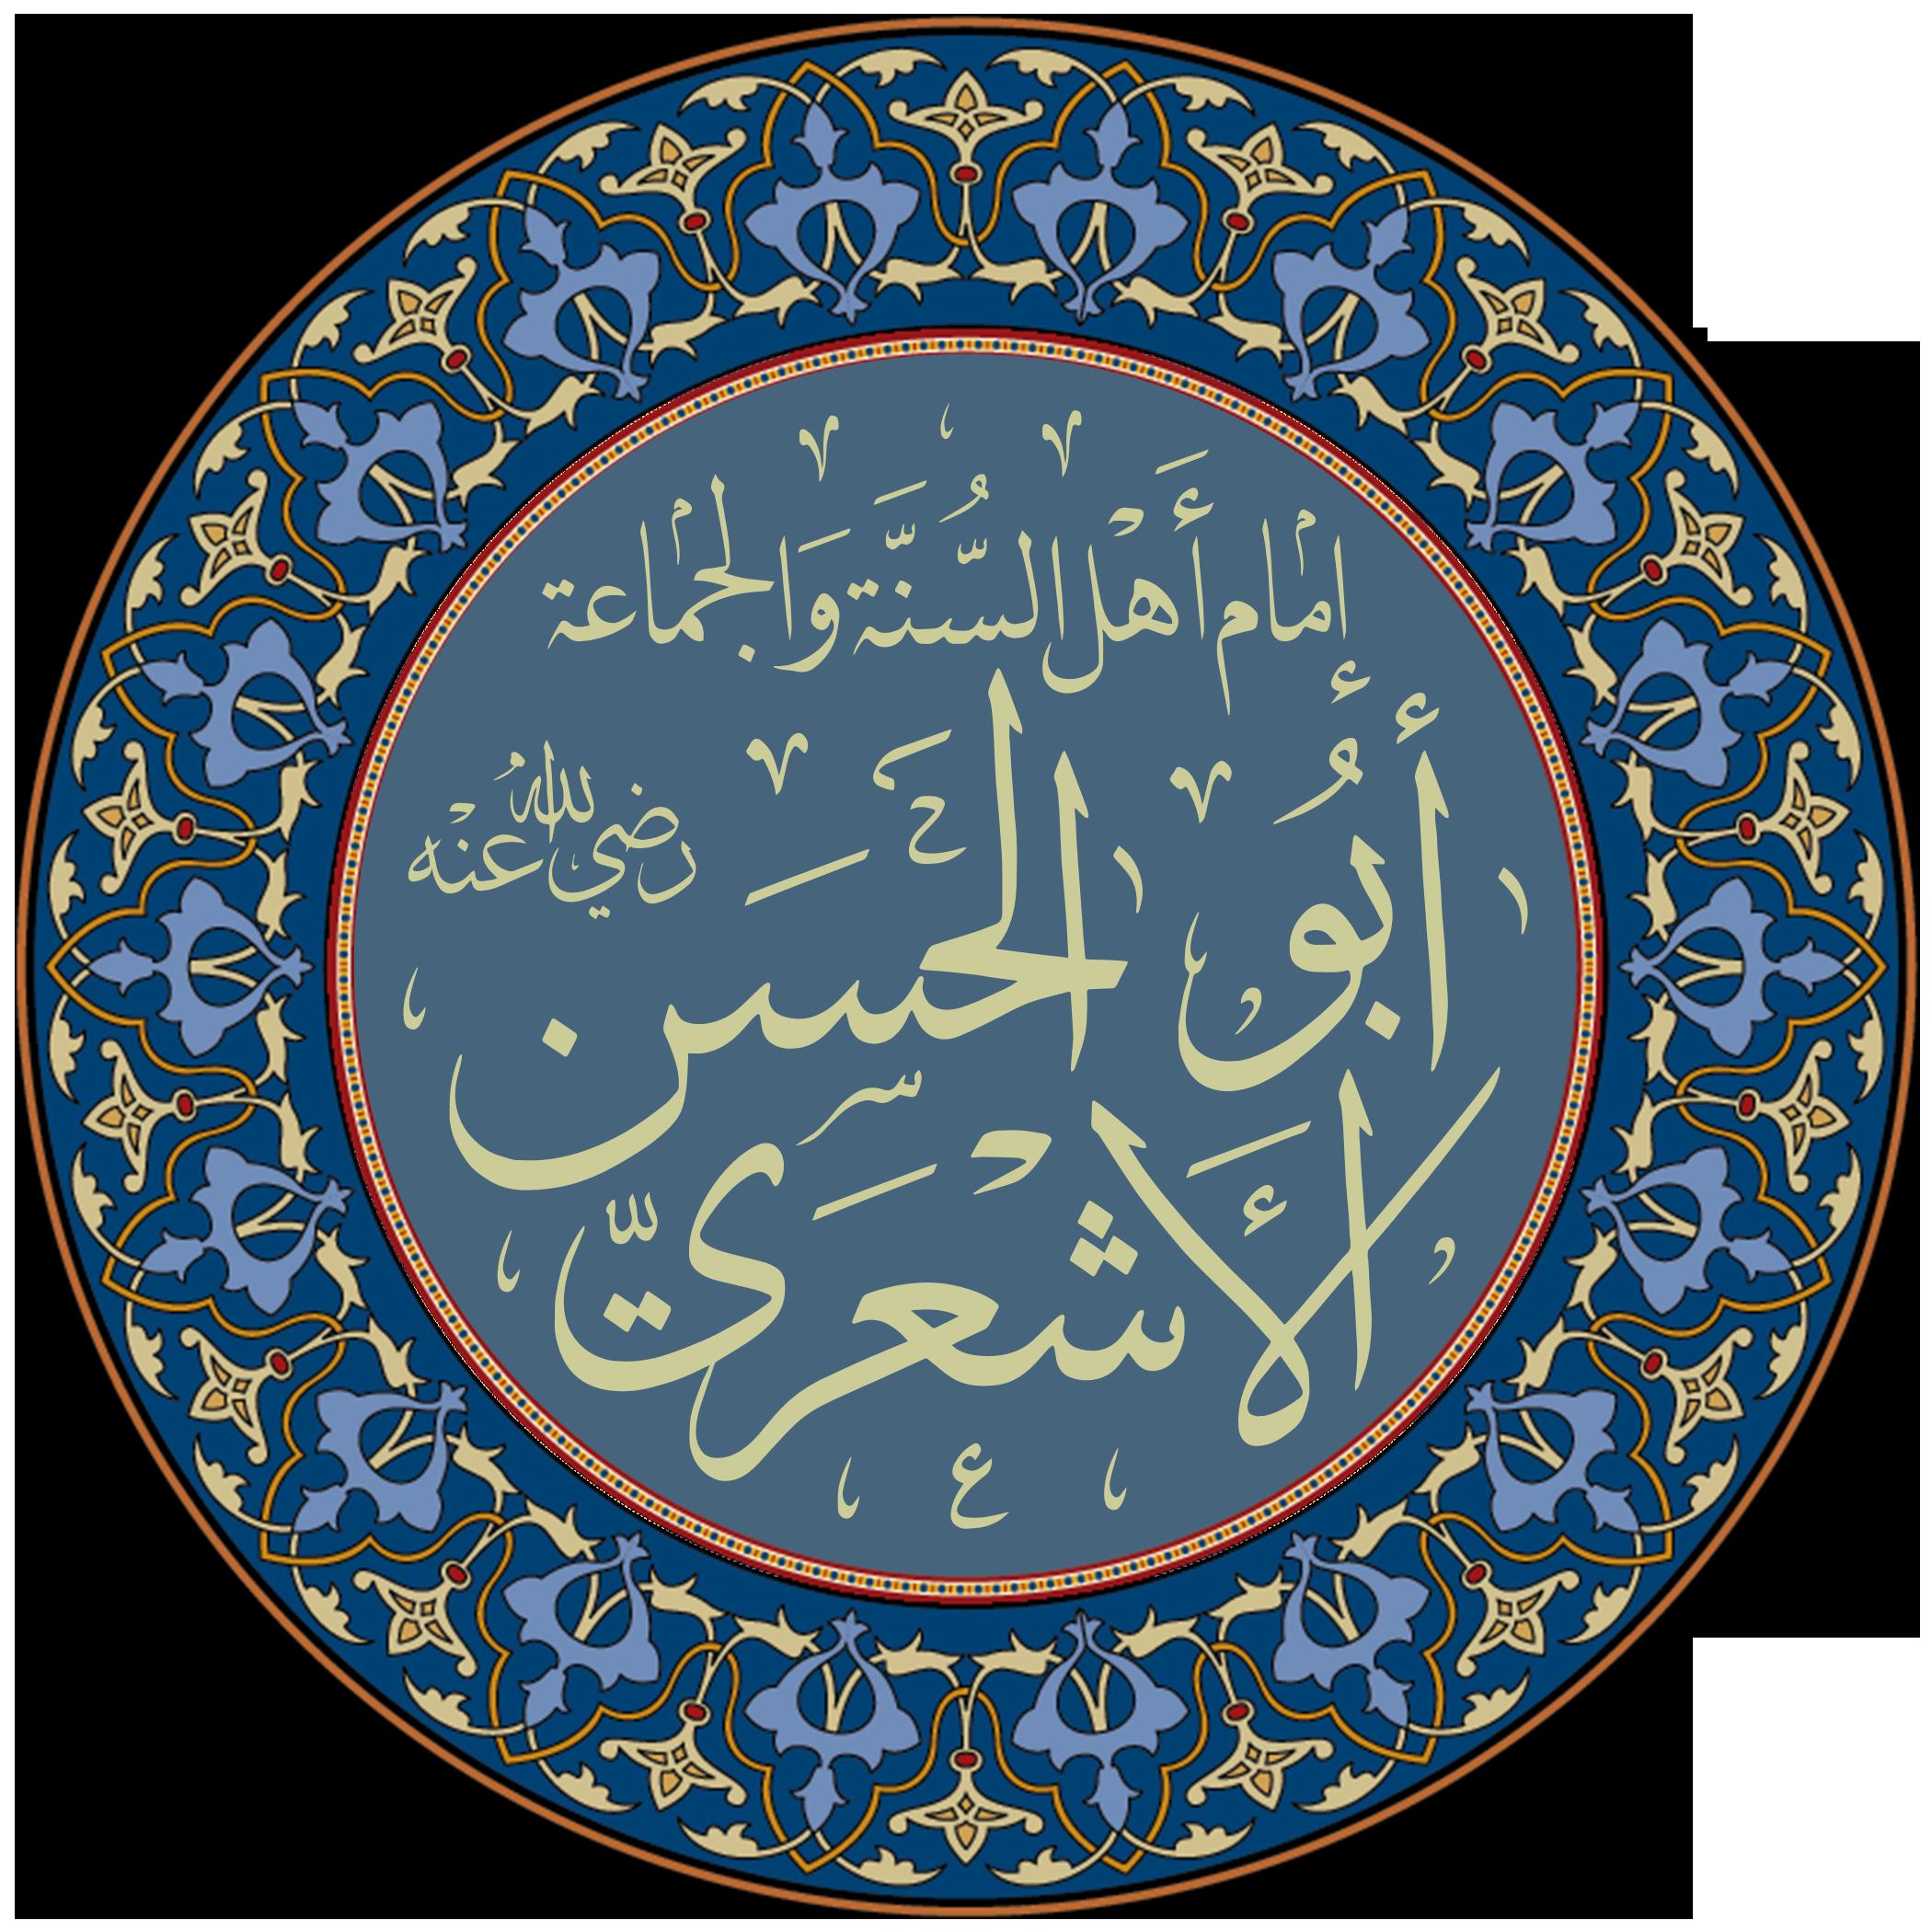 bde1d0c29 أبو الحسن الأشعري - ويكيبيديا، الموسوعة الحرة